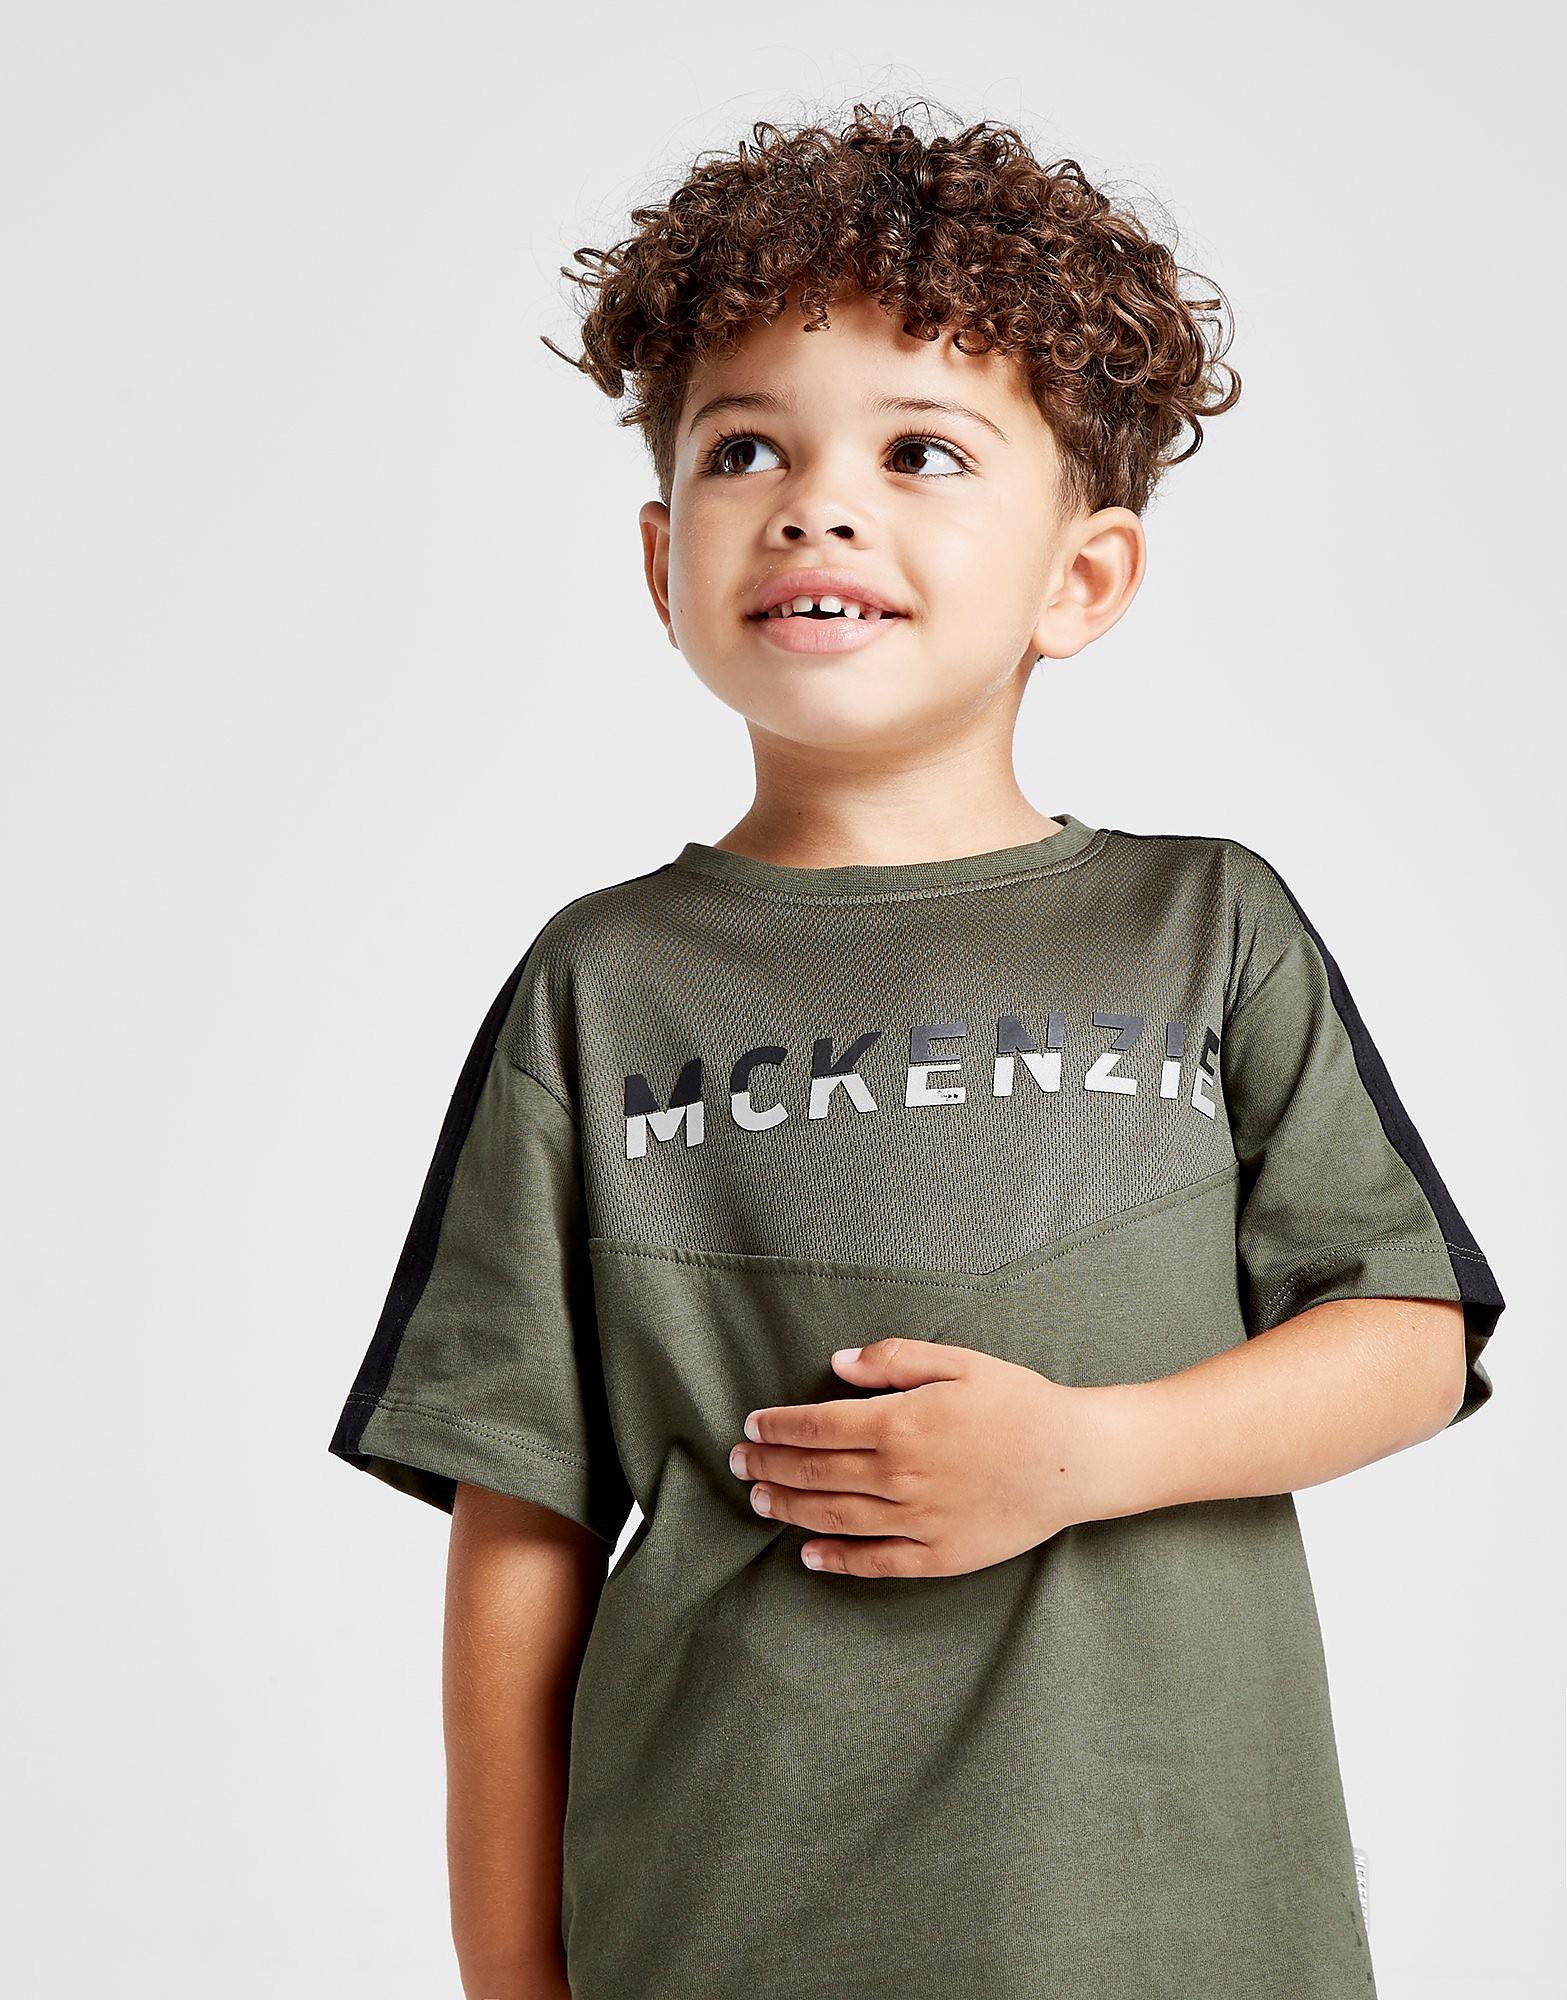 McKenzie Mini Aero T-Shirt Kinderen - Groen - Kind